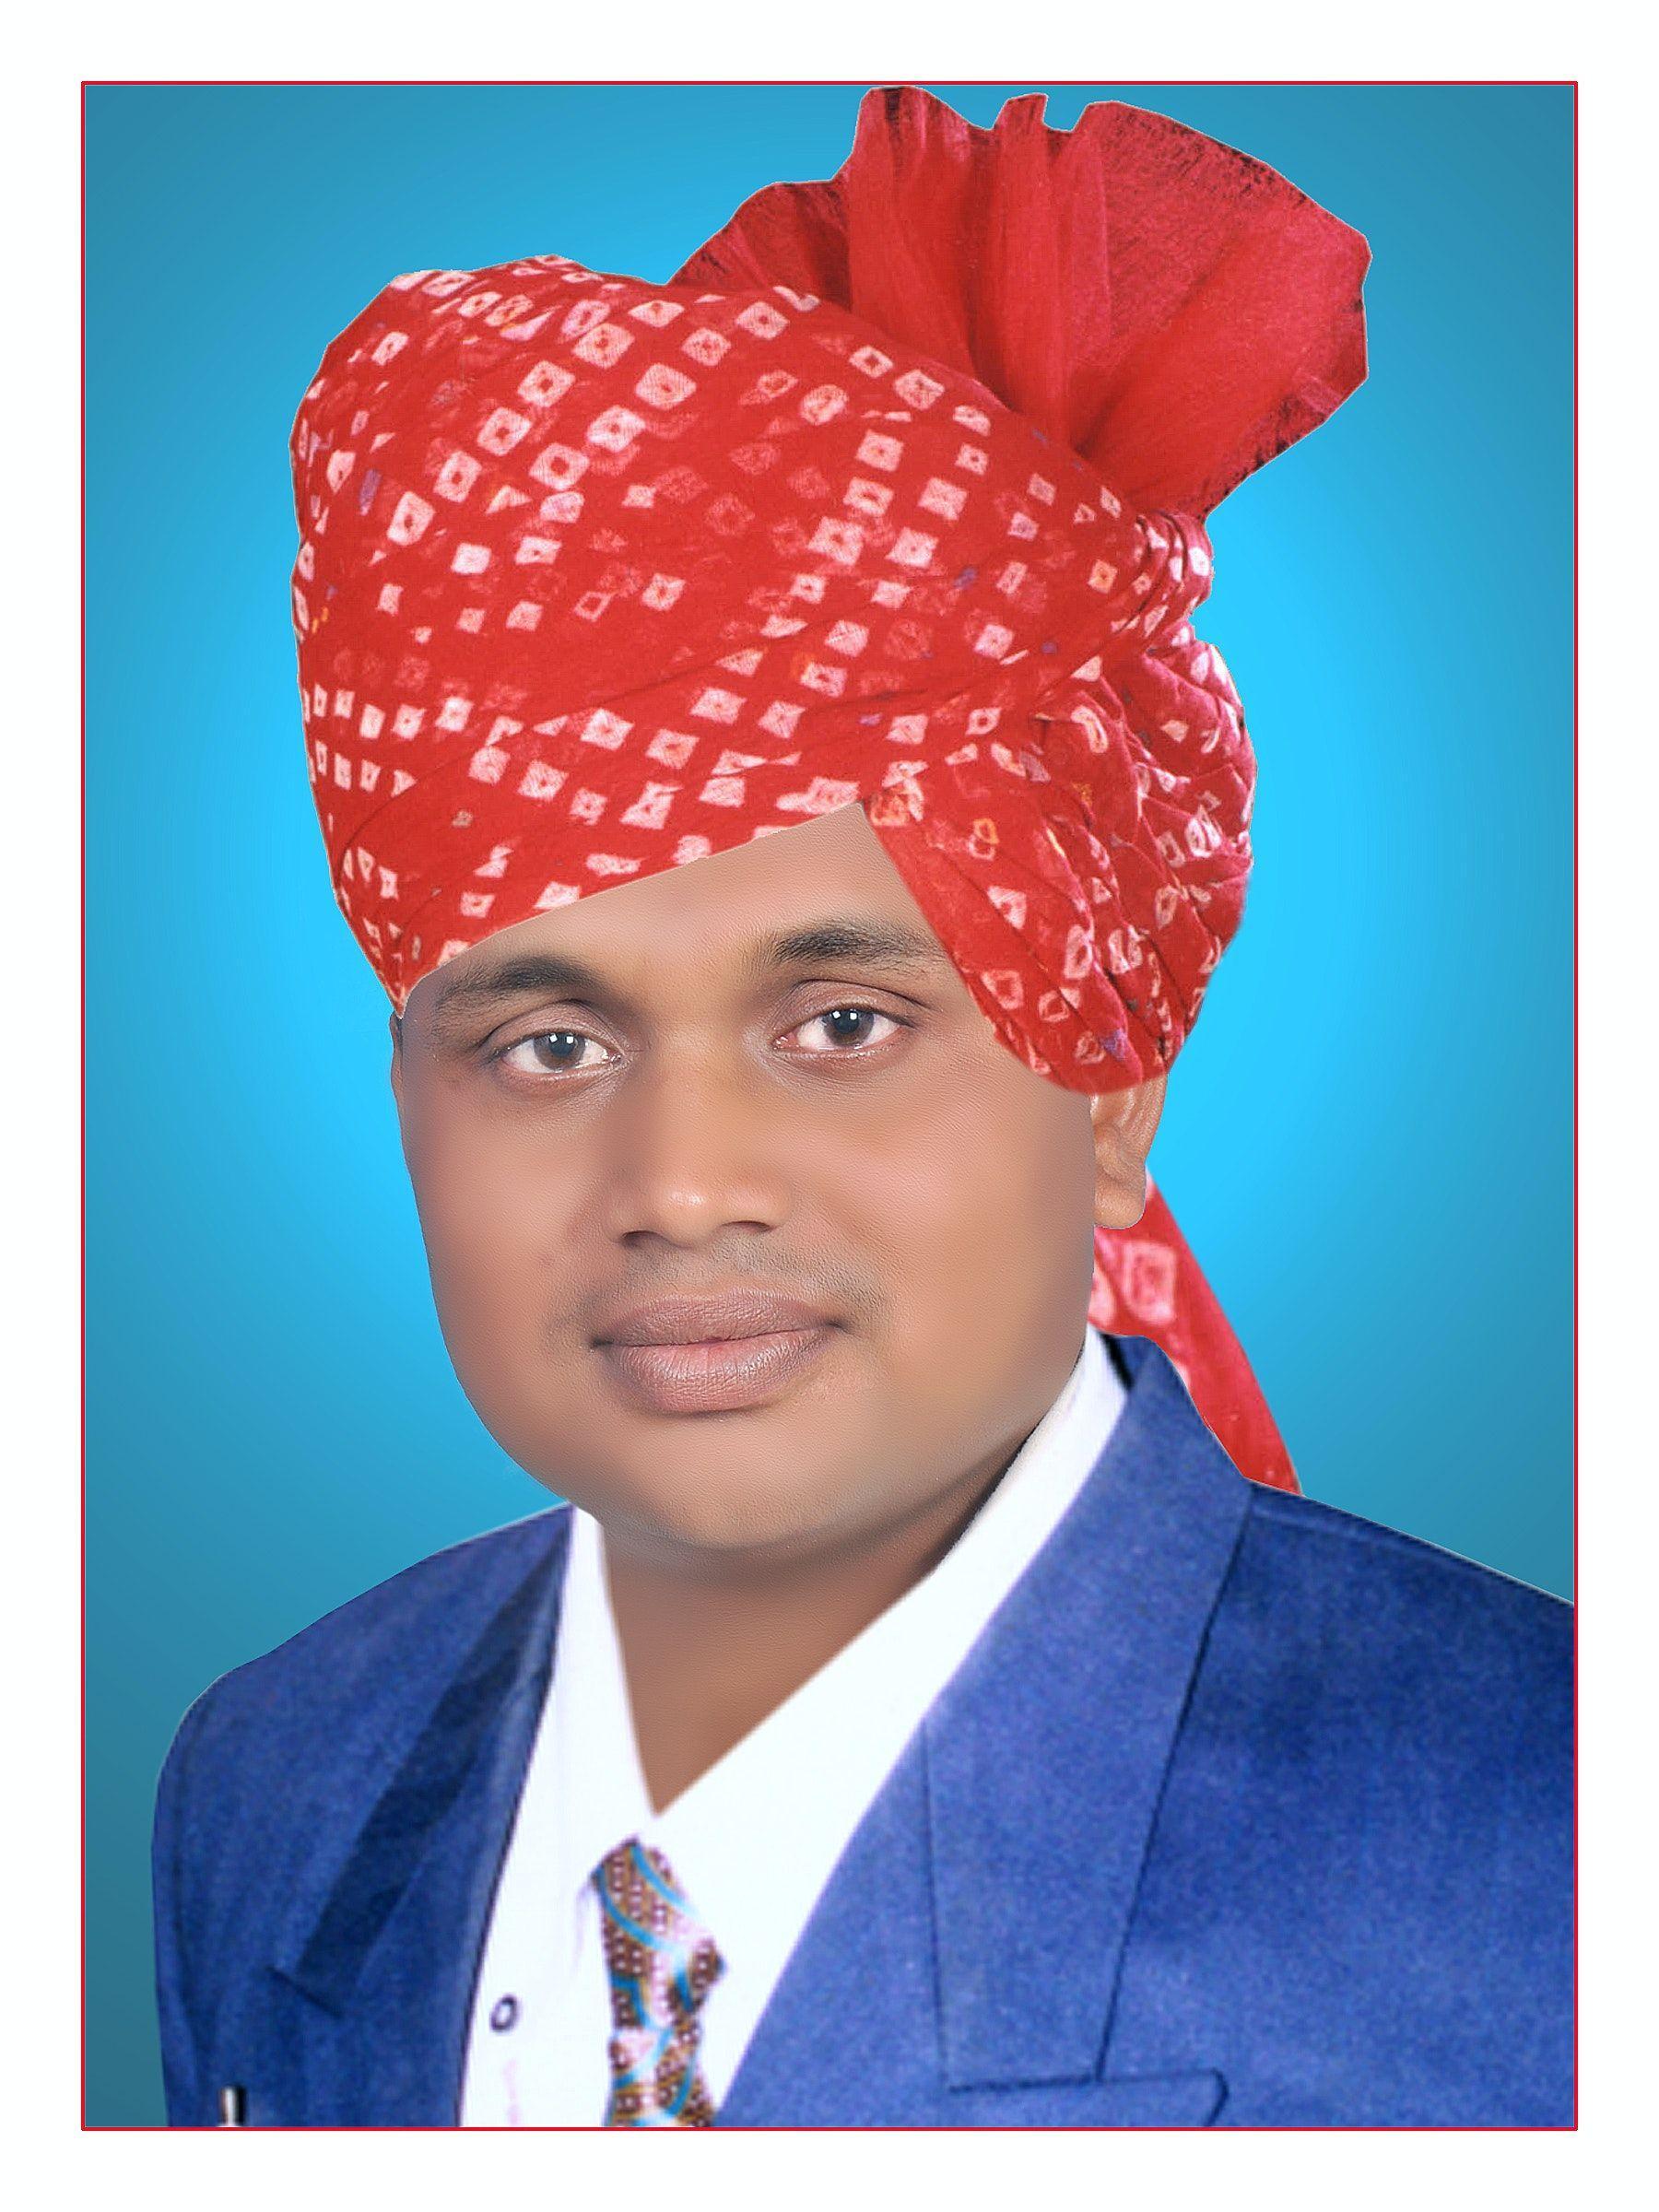 Ambedkar 4K Wallpapers - Top Free Ambedkar 4K Backgrounds ...